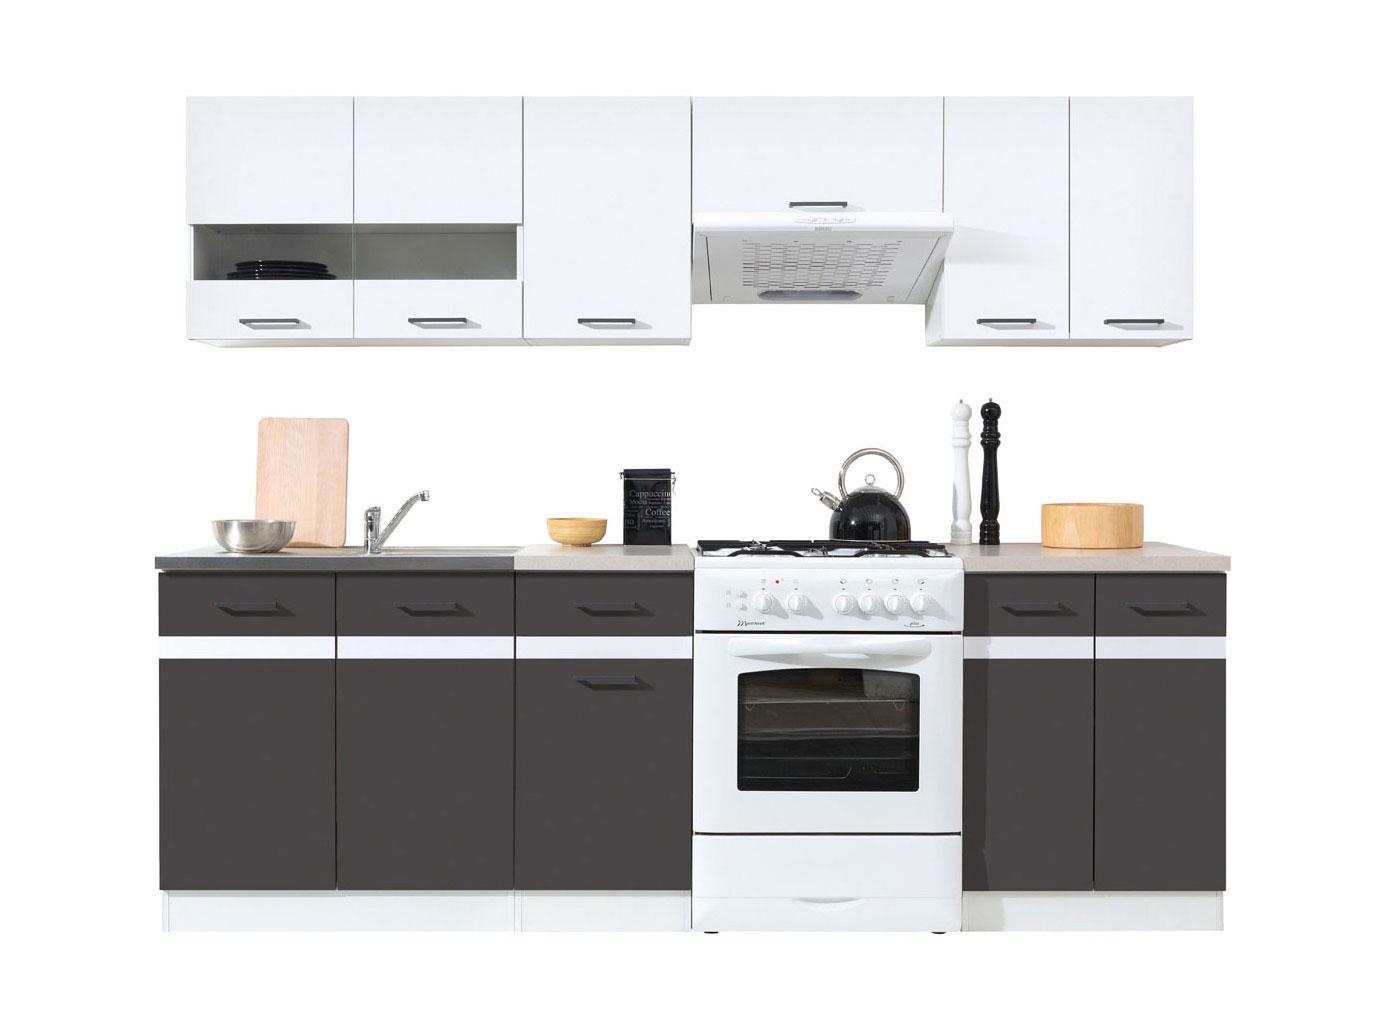 k chenzeile k che einbauk che 2 4m modern grau weiss ab lager erweiterbar neu ebay. Black Bedroom Furniture Sets. Home Design Ideas